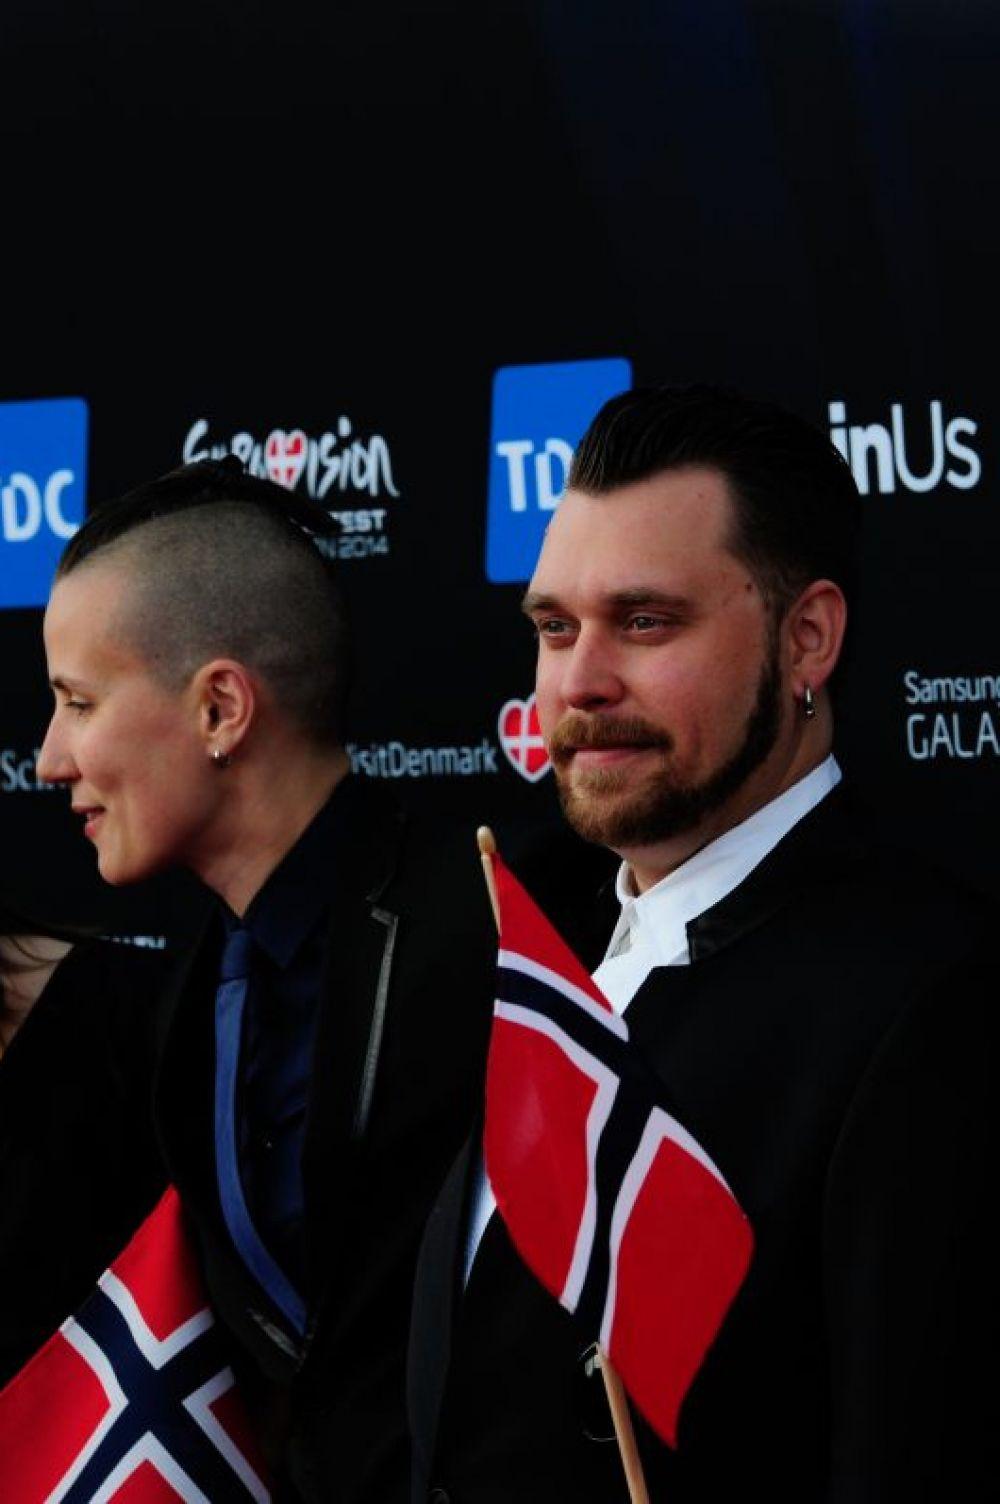 Среди прочих выделяют норвежского поп-исполнителя Карла Эспена, он споёт песню Silent Storm. Известно, что Карл Эспен Турбьёрнсен уже сотрудничает с крупным лейблом EMI, издающим диски Кэти Перри, Робби Уильямса и многих других.